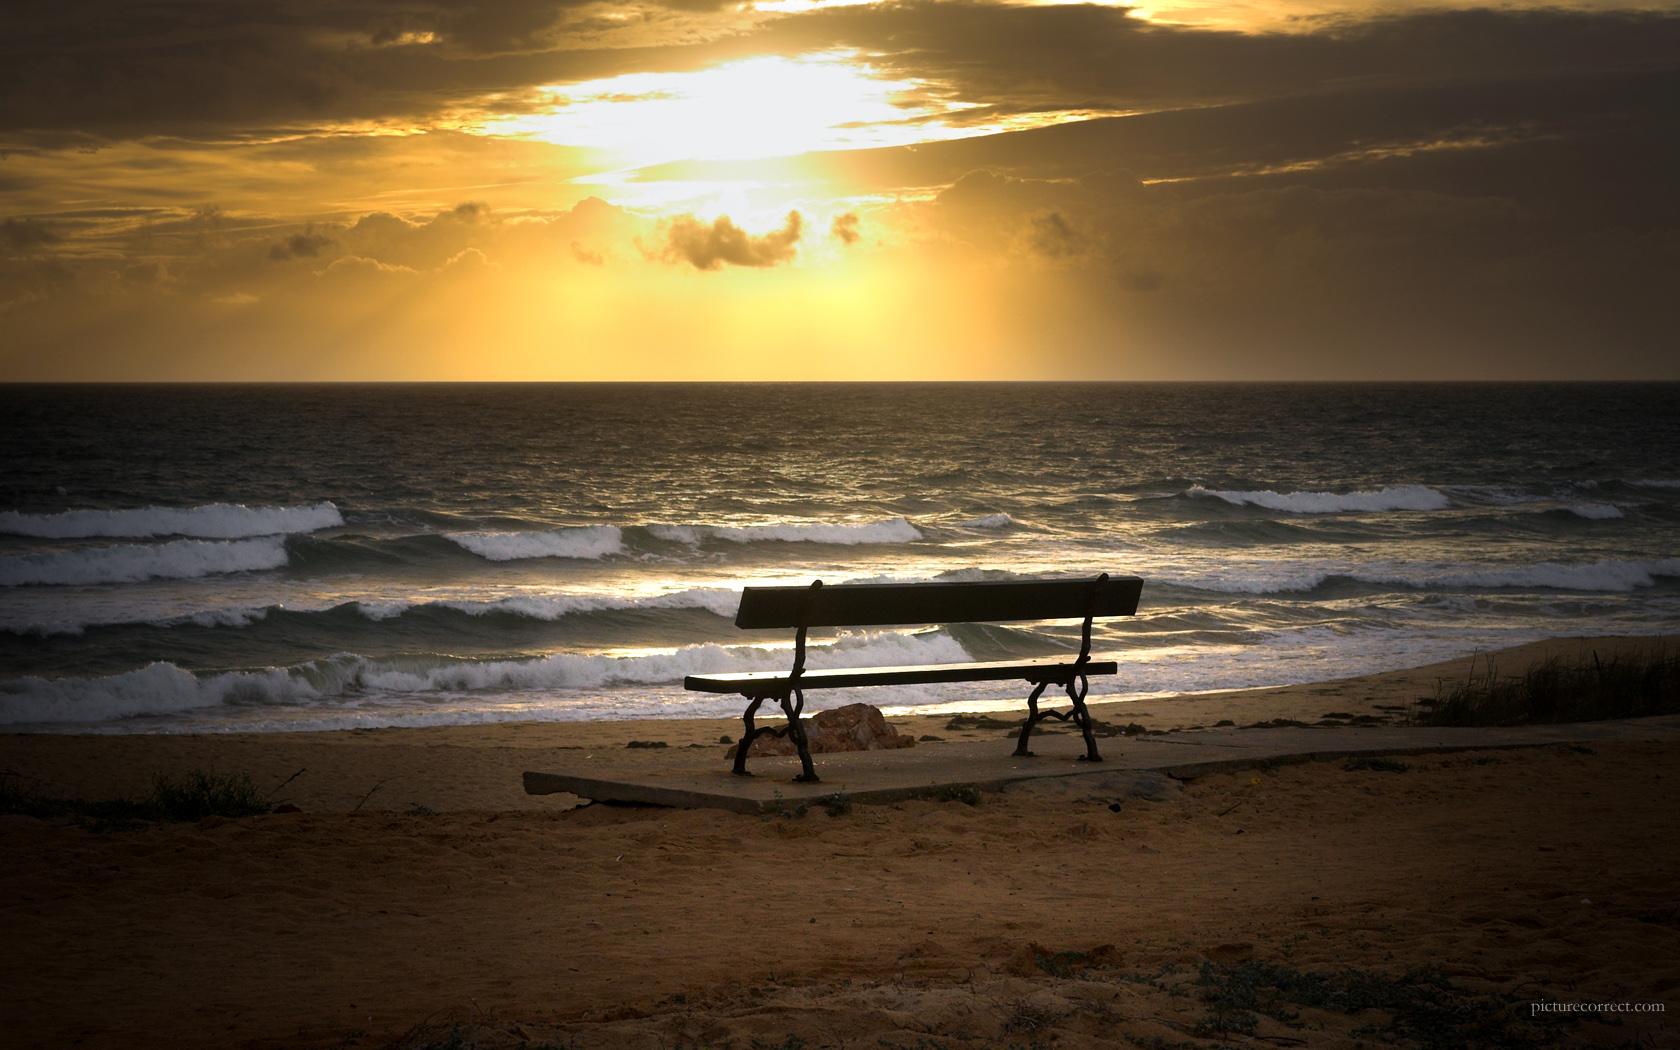 Beach Sunset Wallpaper Desktop 2011 Best Wallpaper 1680x1050